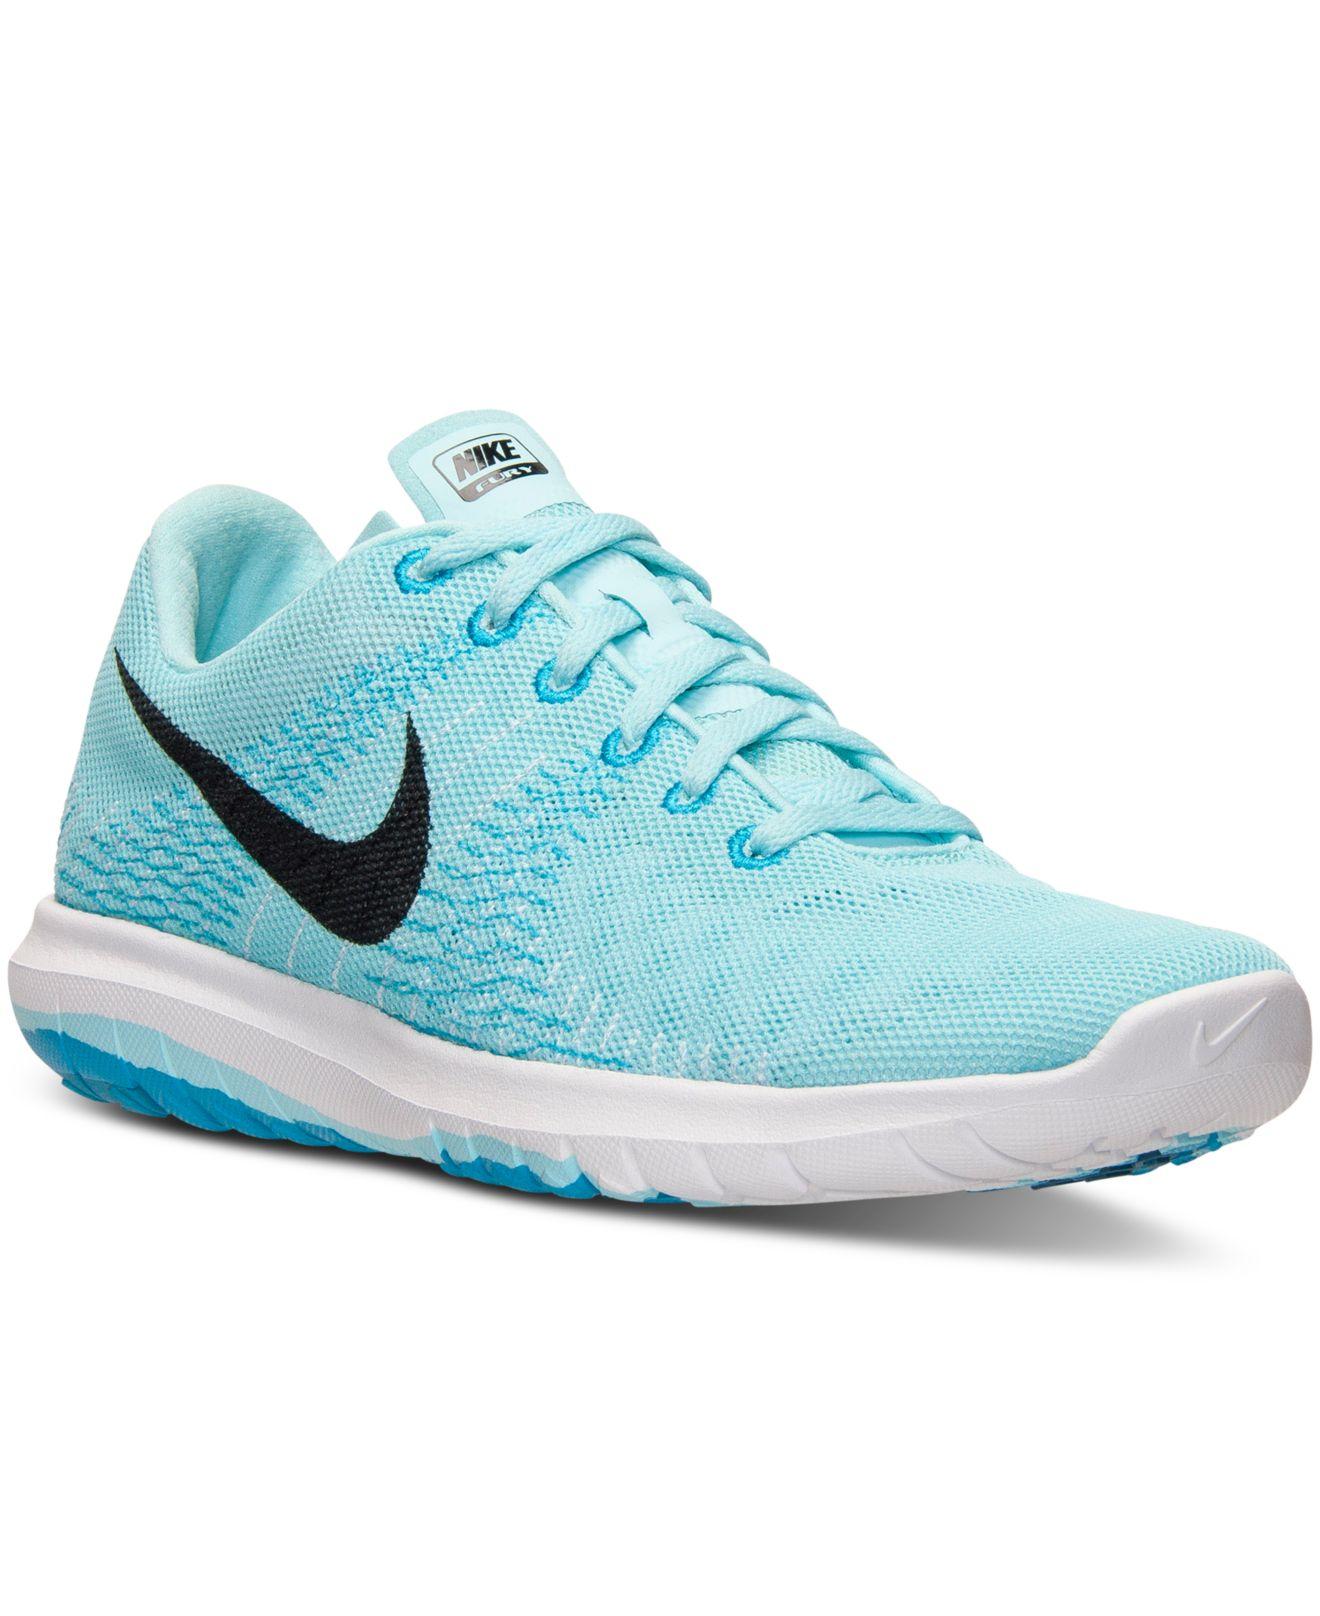 Lyst - Nike Women s Flex Fury Running Sneakers From Finish Line in Blue c141de669e